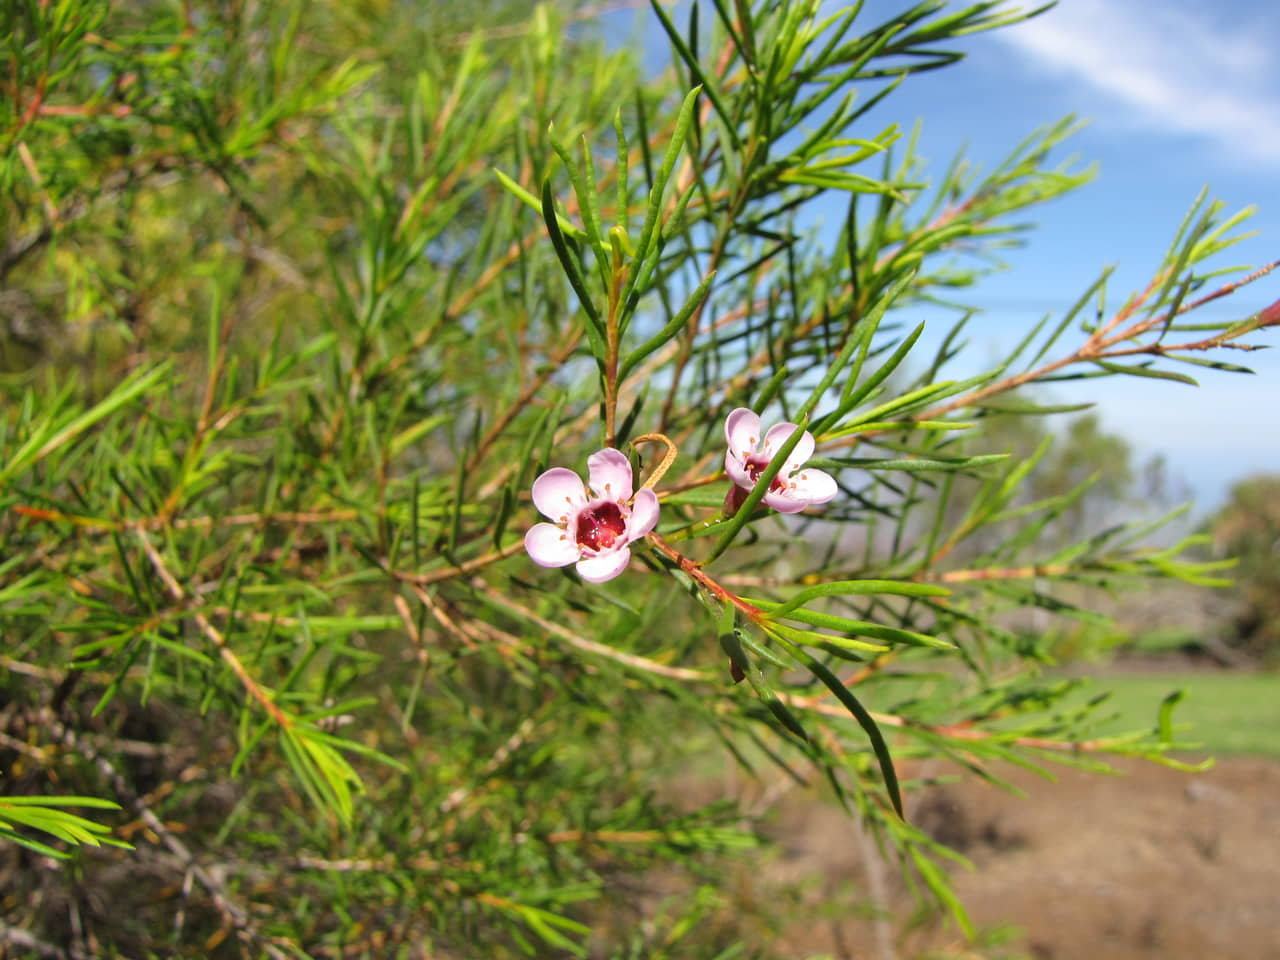 Tìm hiểu tất tần tật về hoa thanh liễu Chamelaucium;